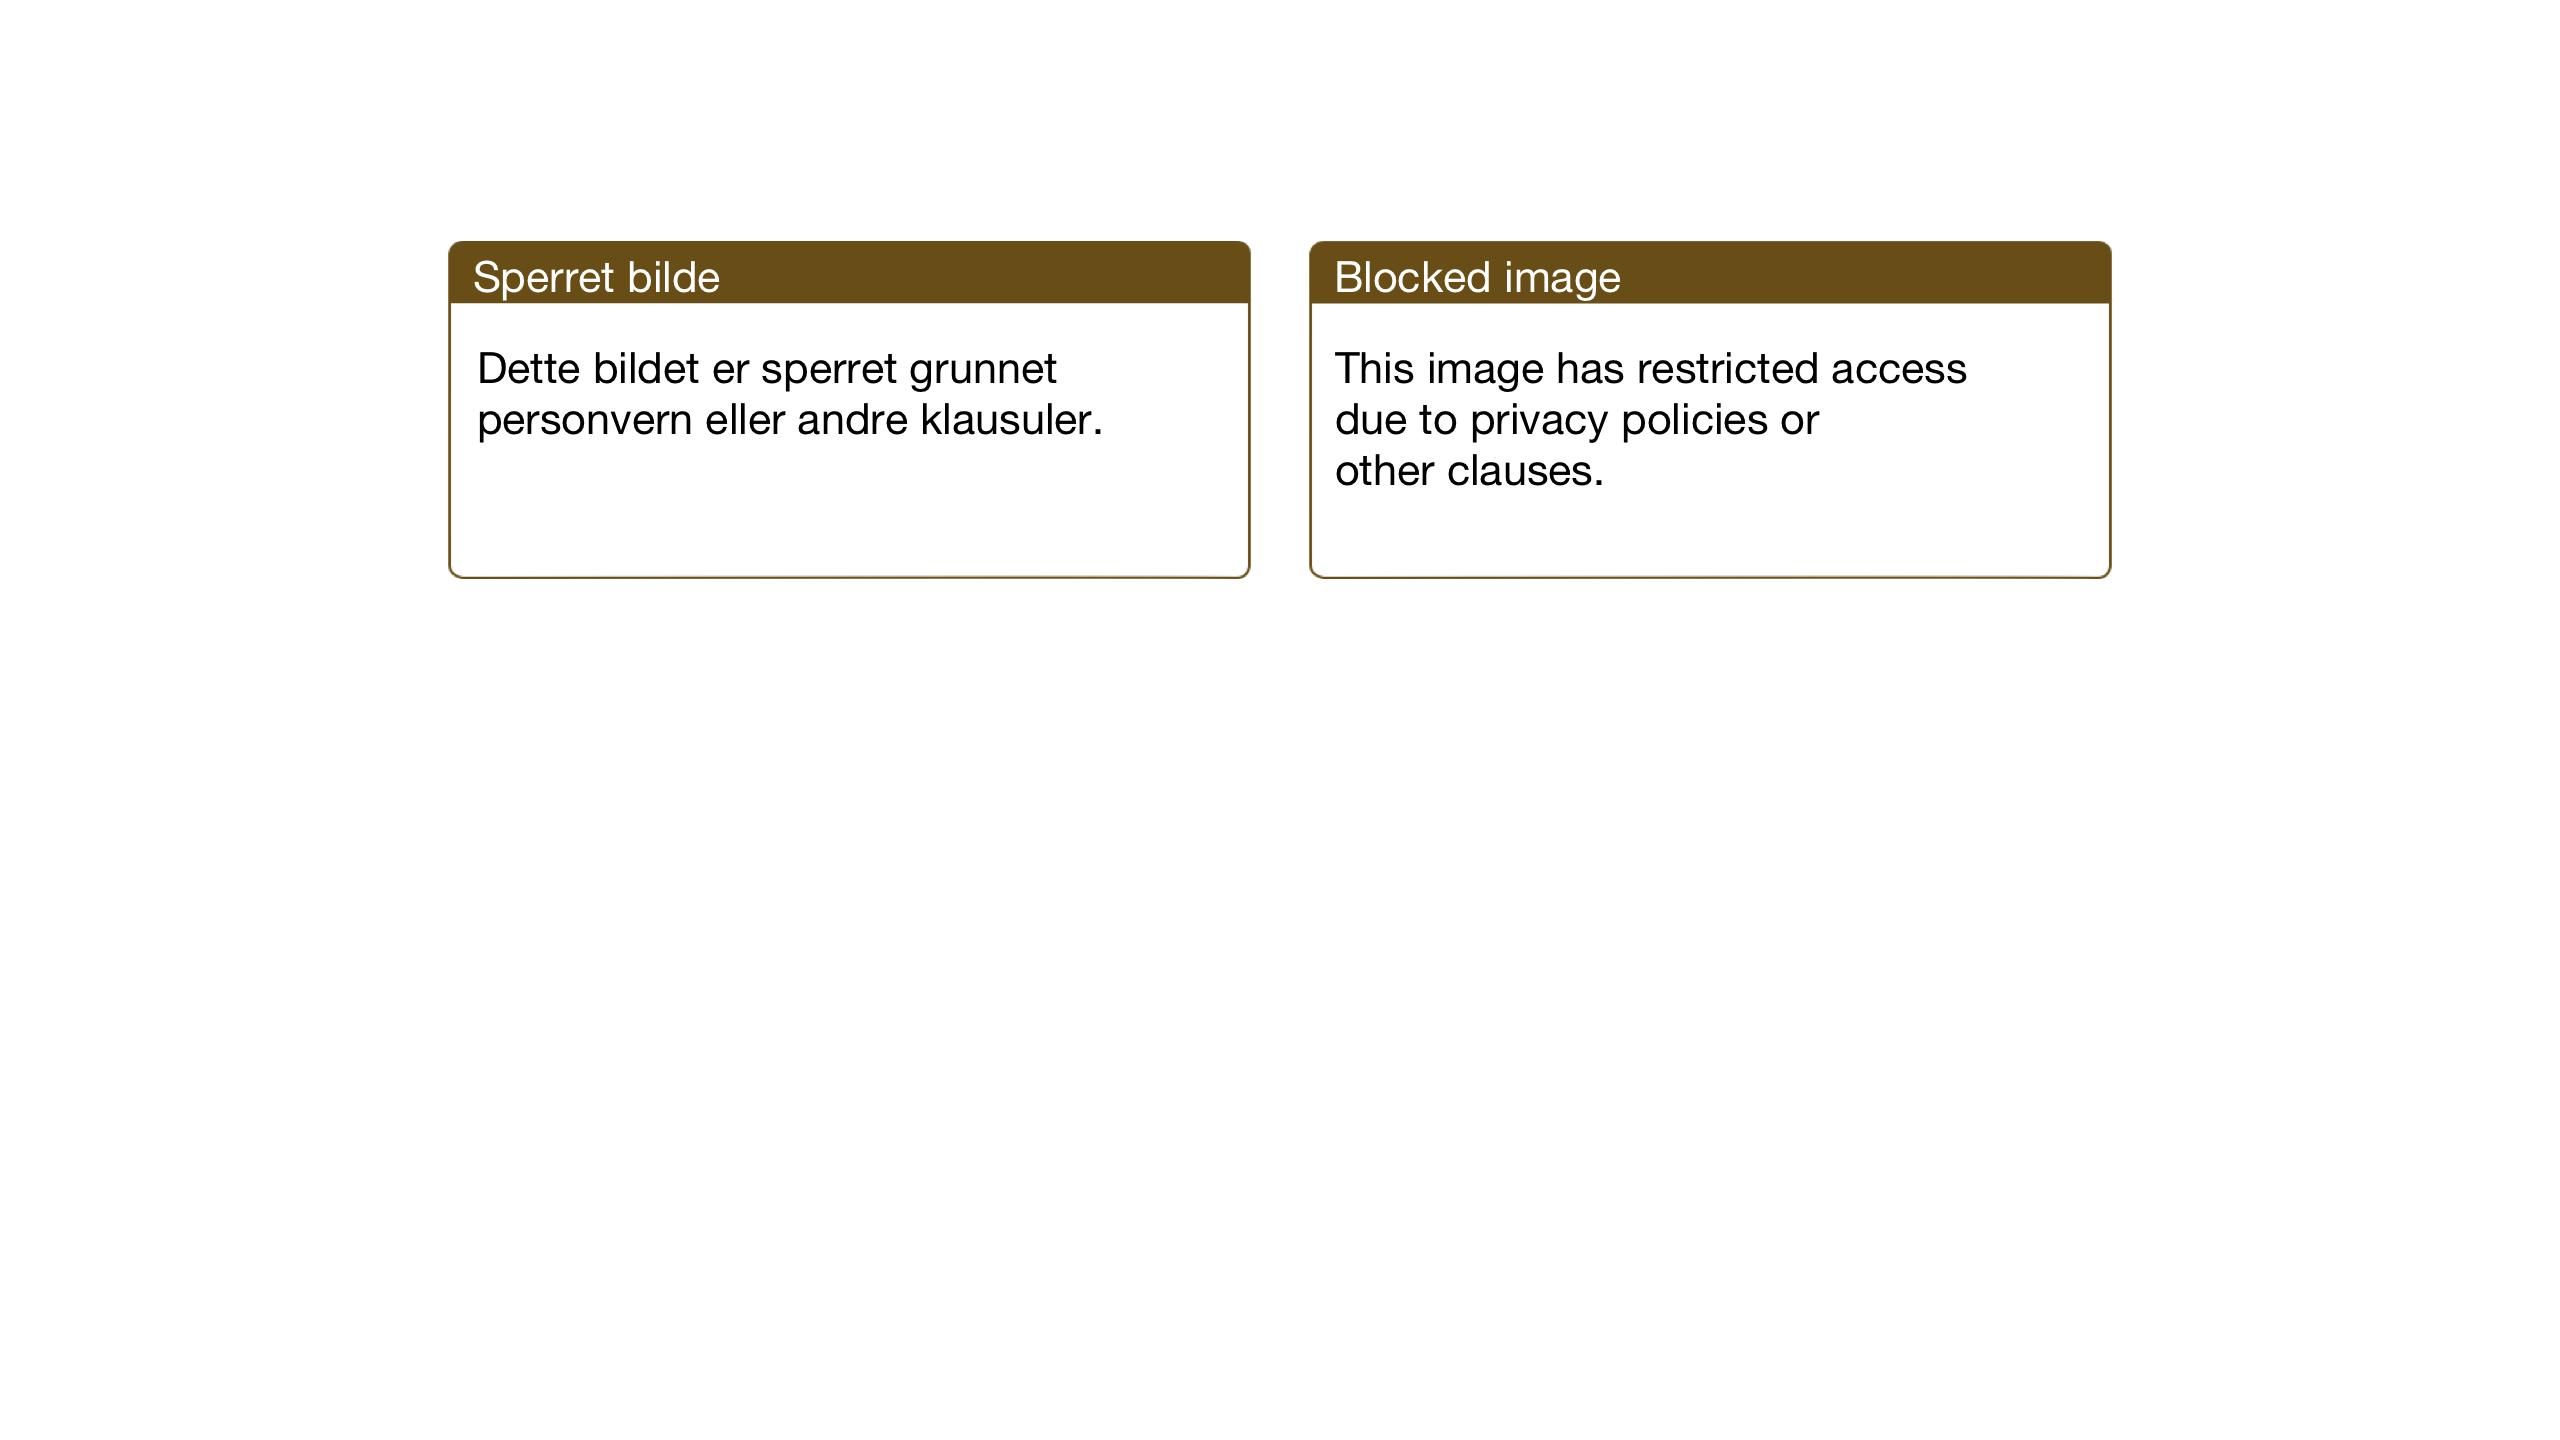 SAT, Ministerialprotokoller, klokkerbøker og fødselsregistre - Sør-Trøndelag, 638/L0569: Klokkerbok nr. 638C01, 1923-1961, s. 65